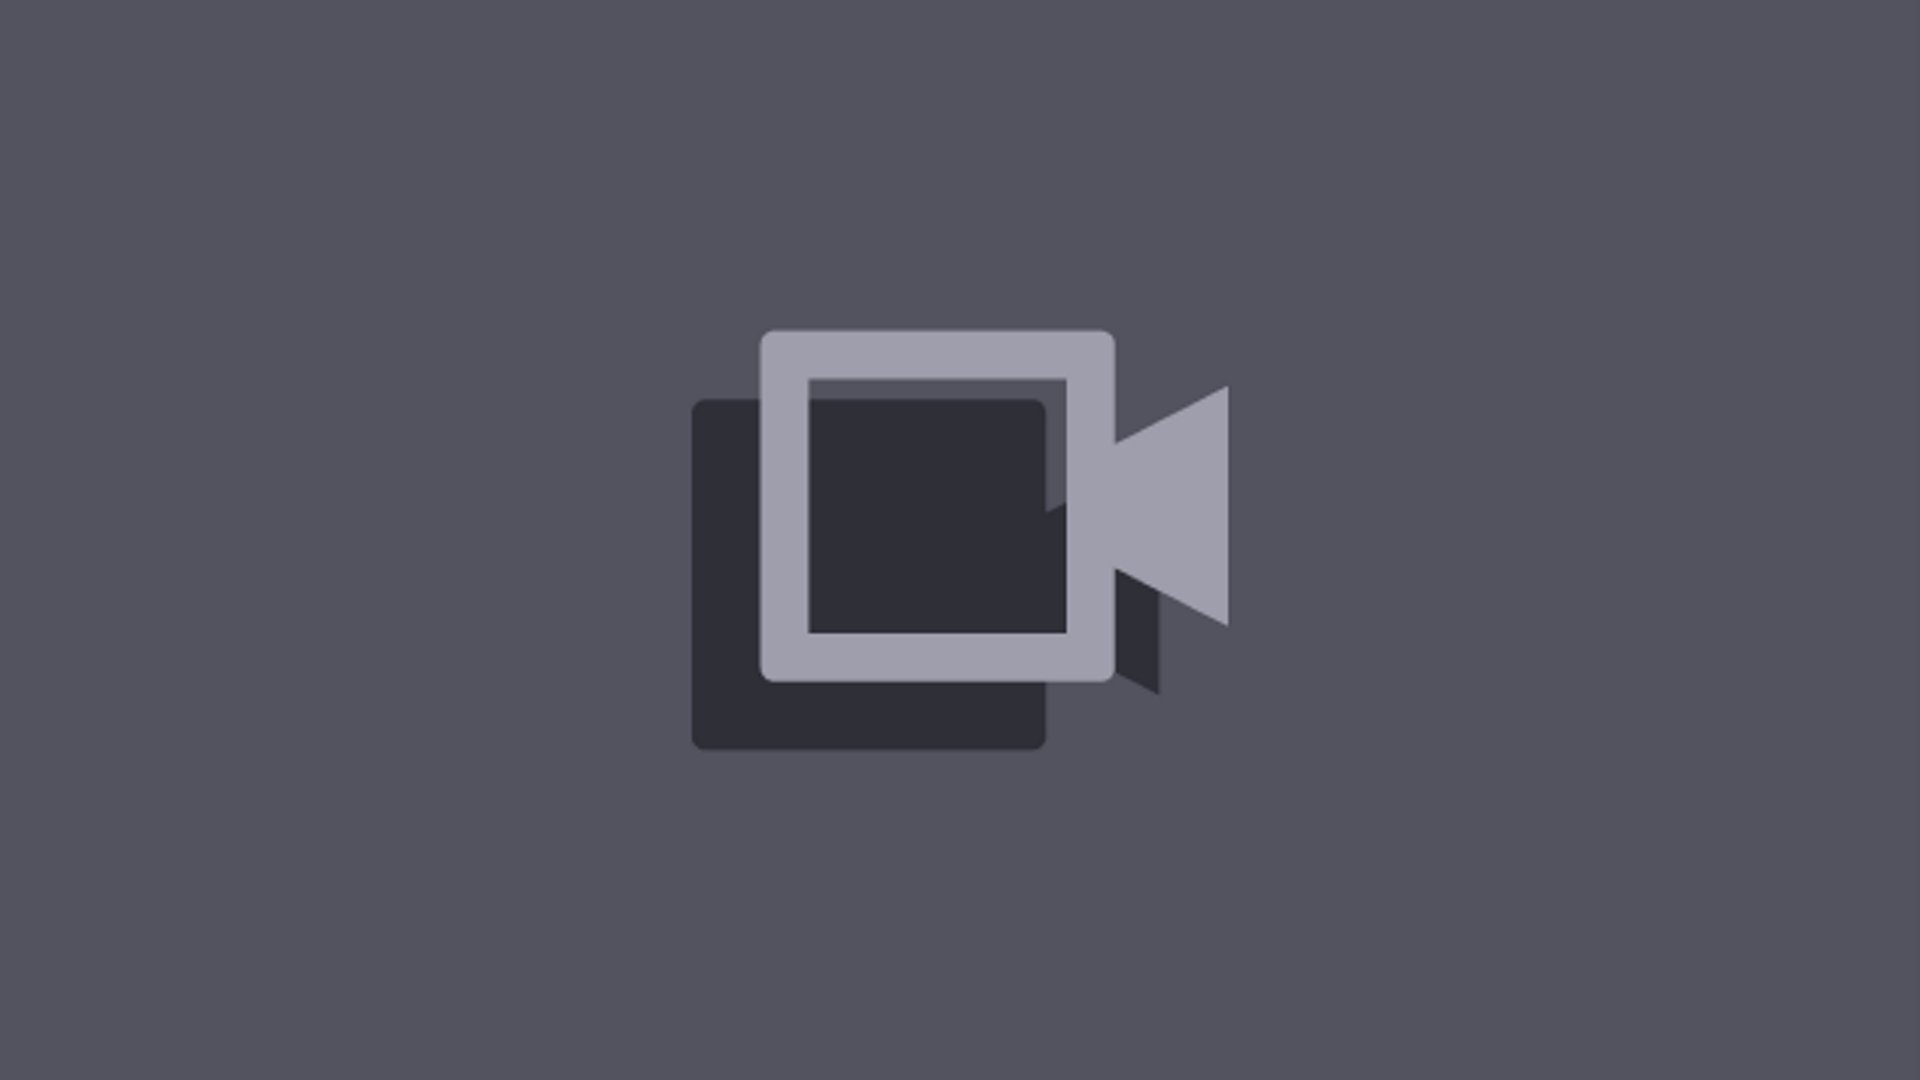 ♥米兒♥  聊天台 不朽自力專家  Line群歡迎米粉加入 (´・ω・`) Day394{歡迎點歌}